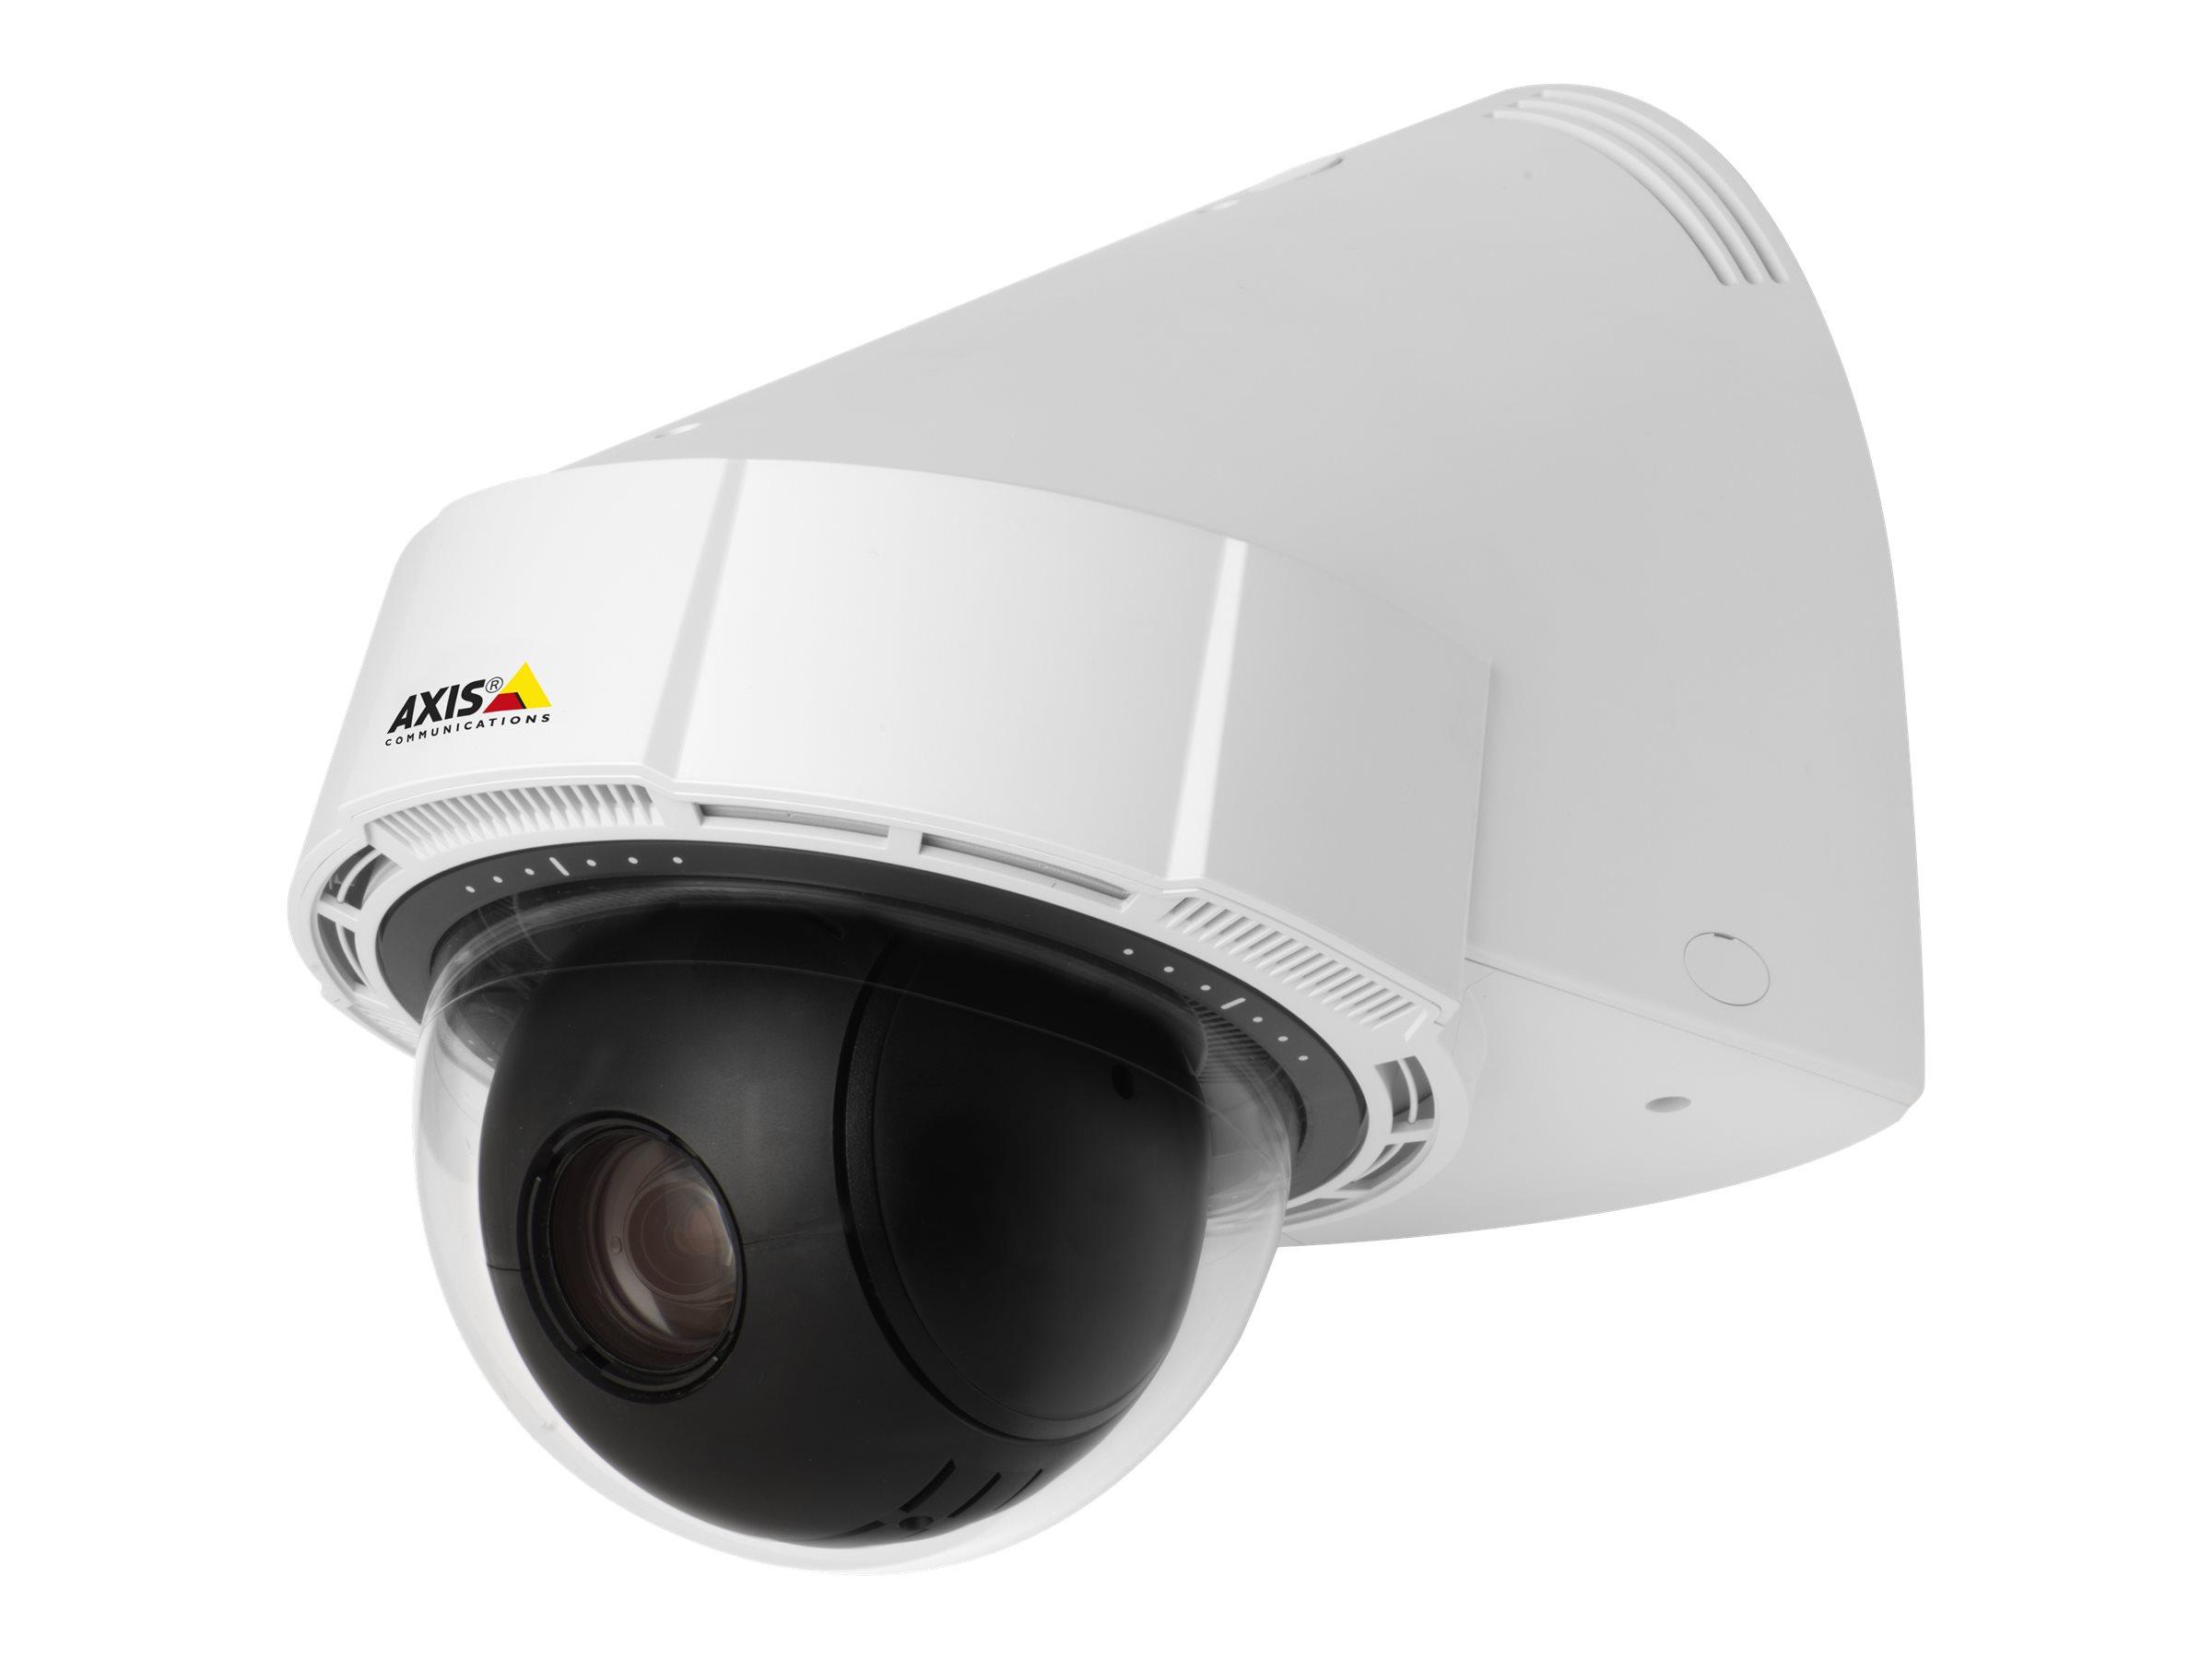 AXIS P5414-E PTZ Dome Network Camera 50Hz - Netzwerk-Überwachungskamera - PTZ - Aussenbereich - vandalismusresistent/wasserfest